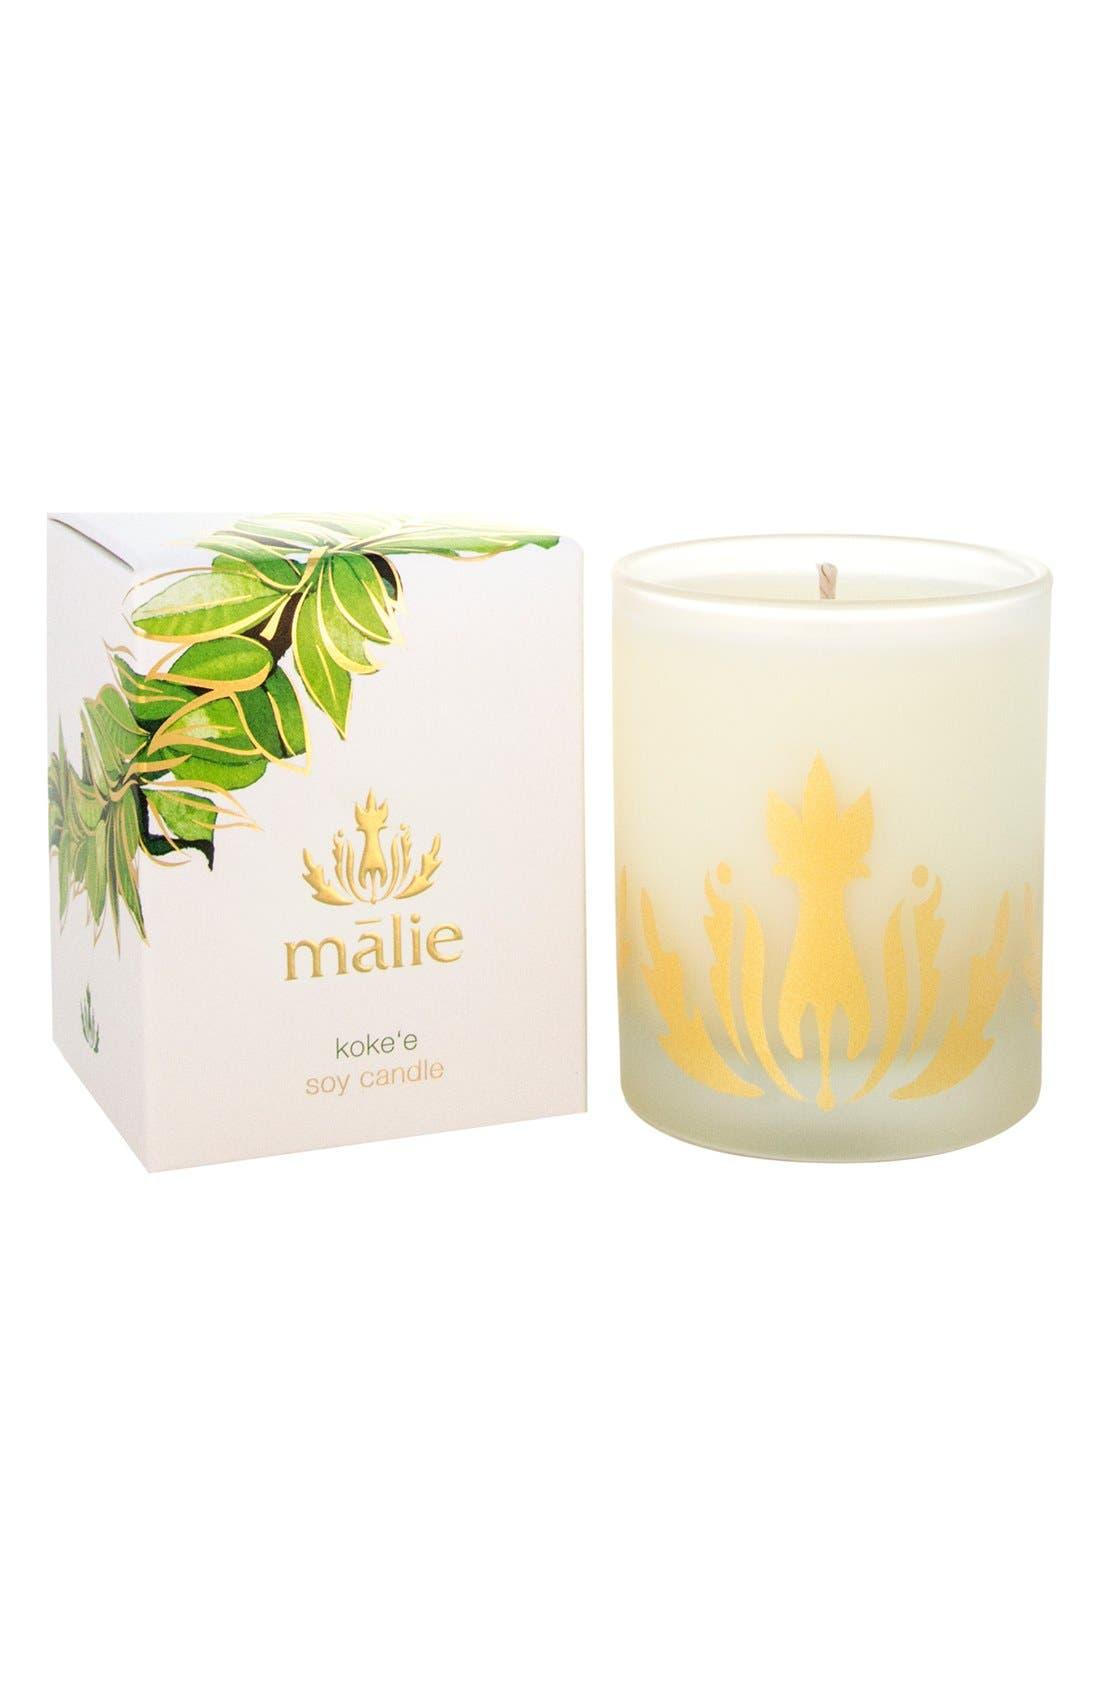 Alternate Image 1 Selected - Malie Organics Koke'e Soy Candle